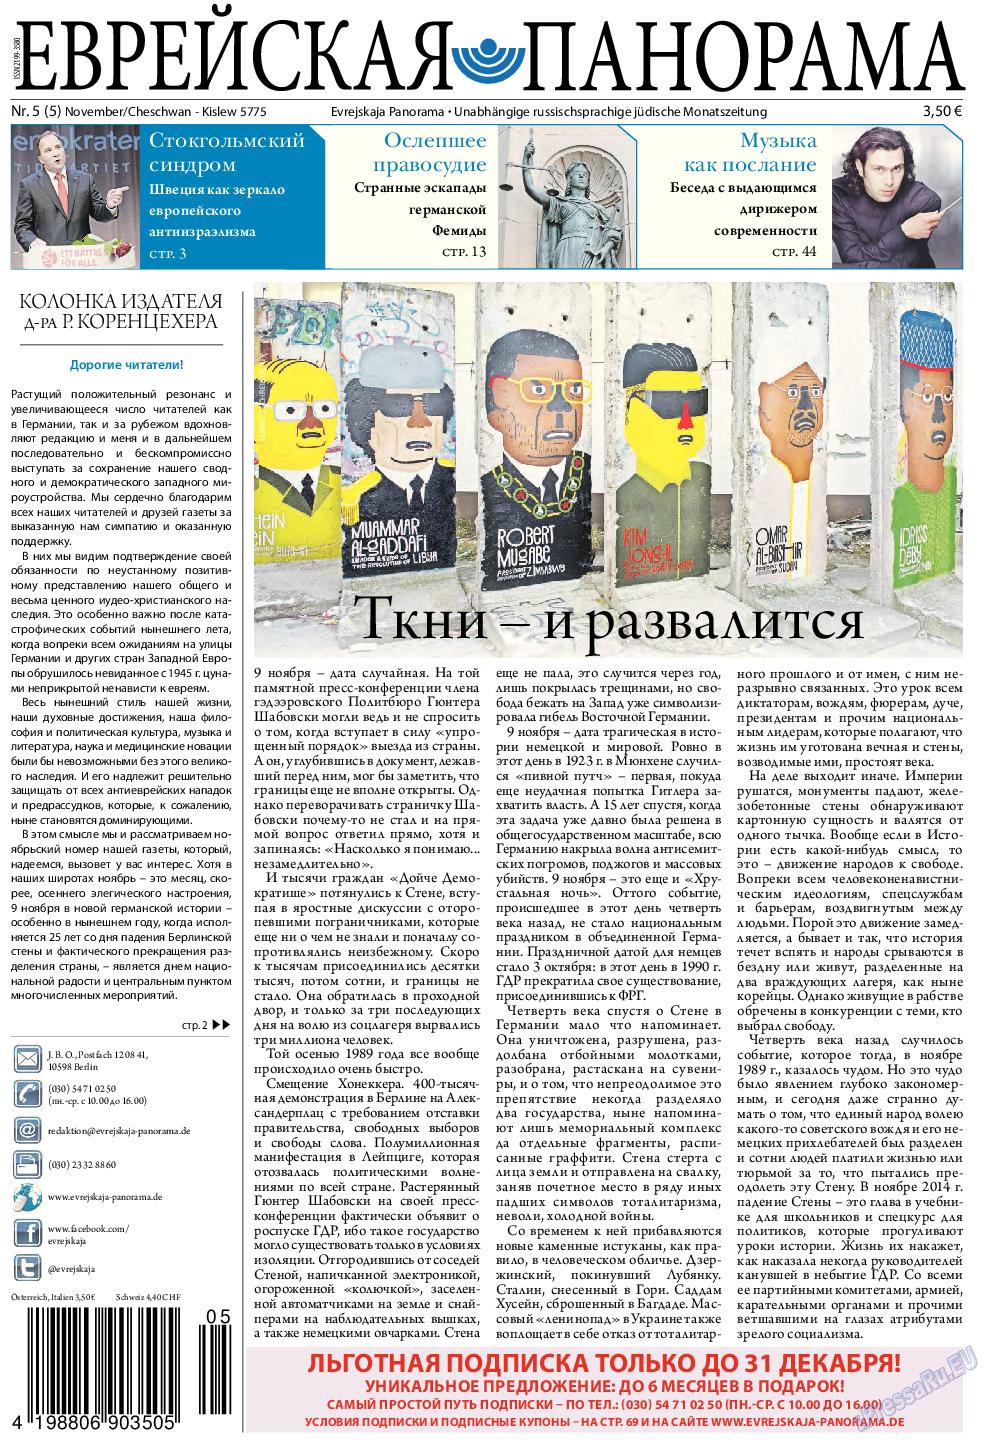 Еврейская панорама (газета). 2014 год, номер 5, стр. 1